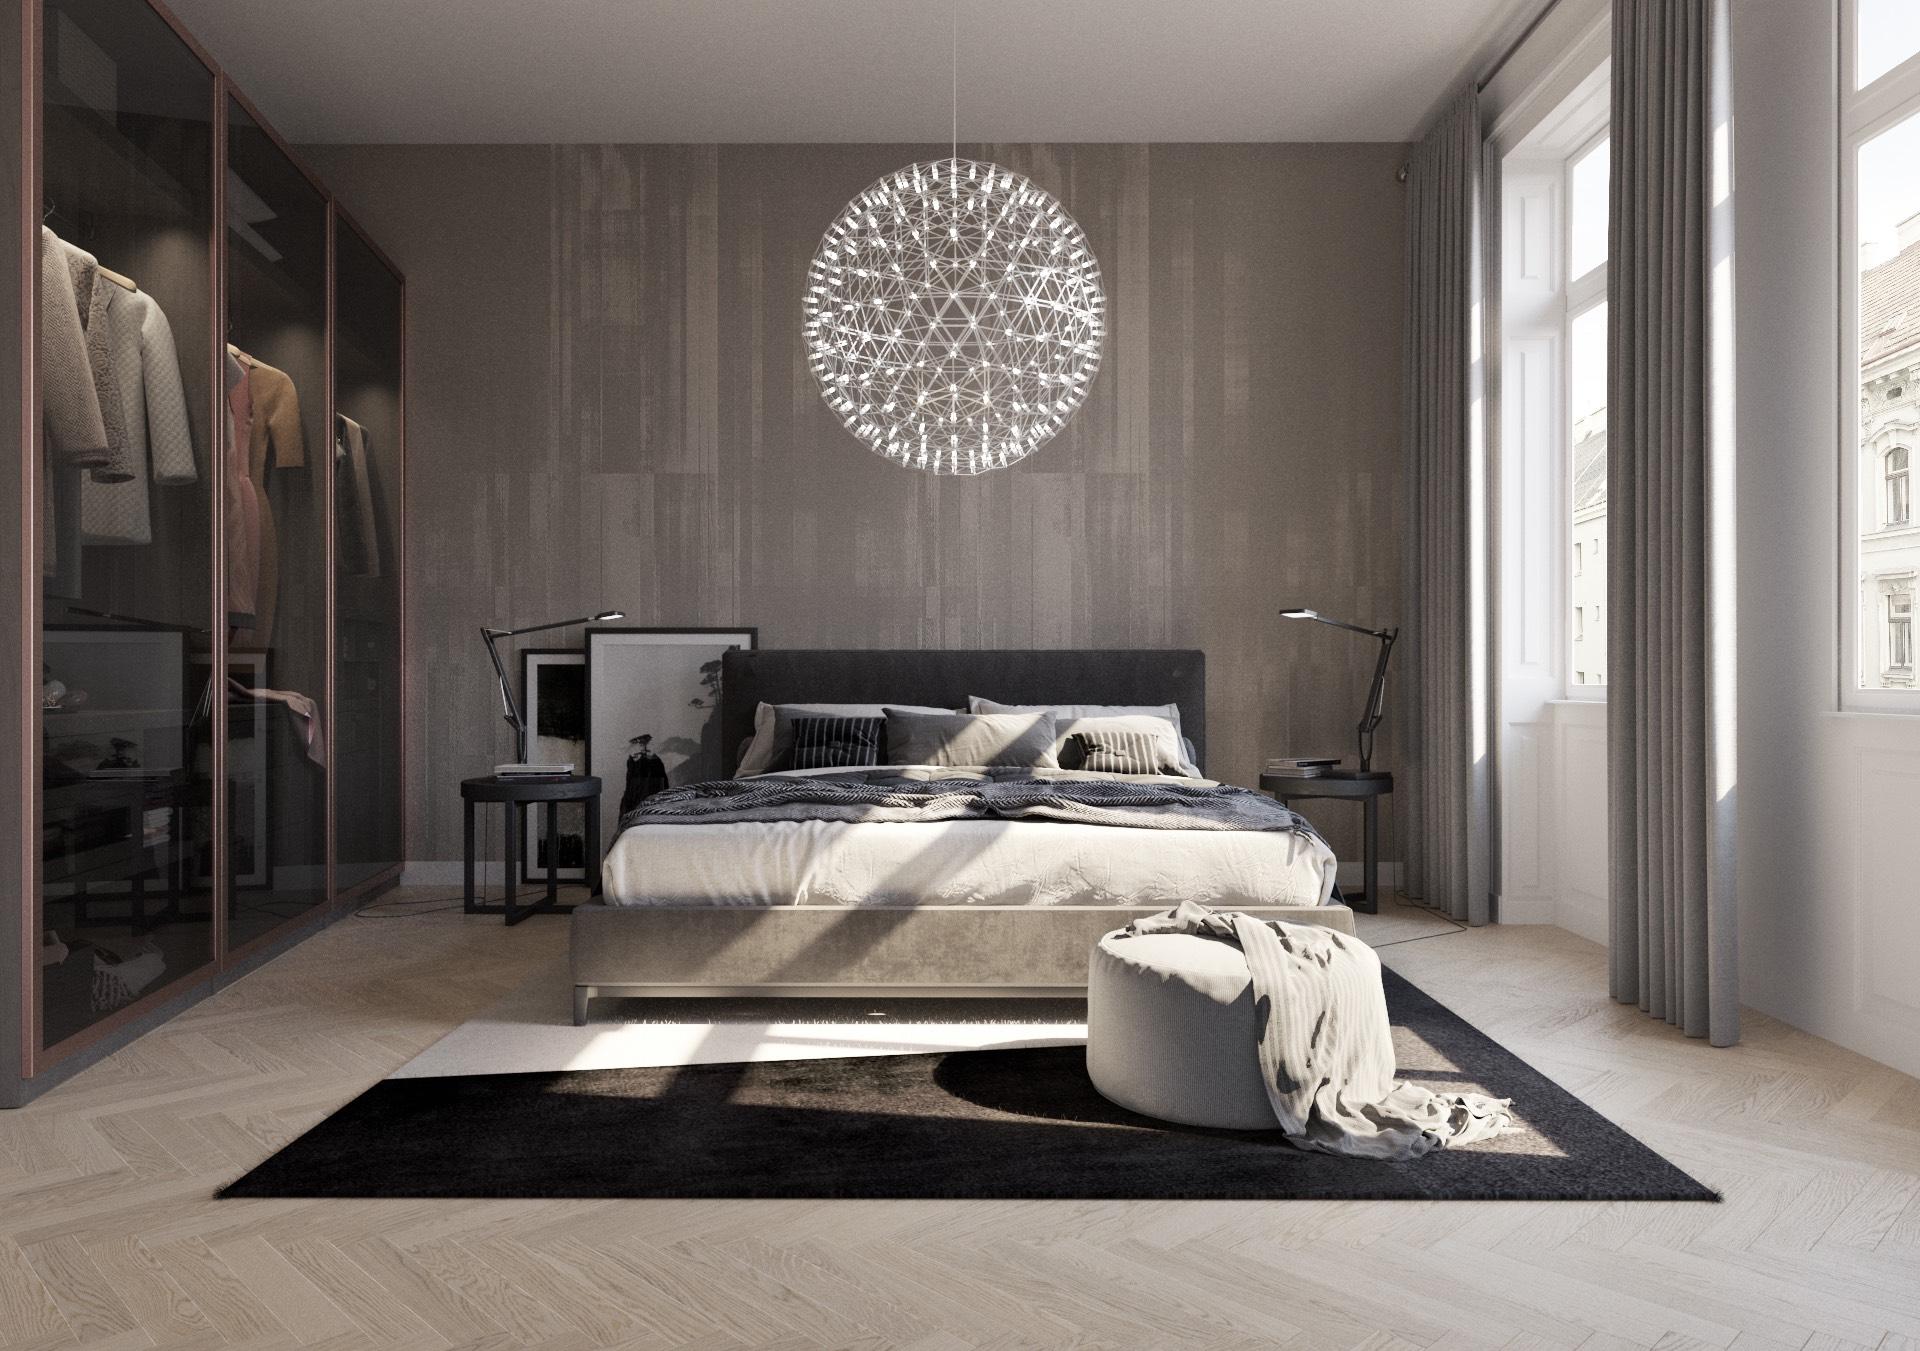 Crowdinvesting - Schlafzimmer-Visualisierung